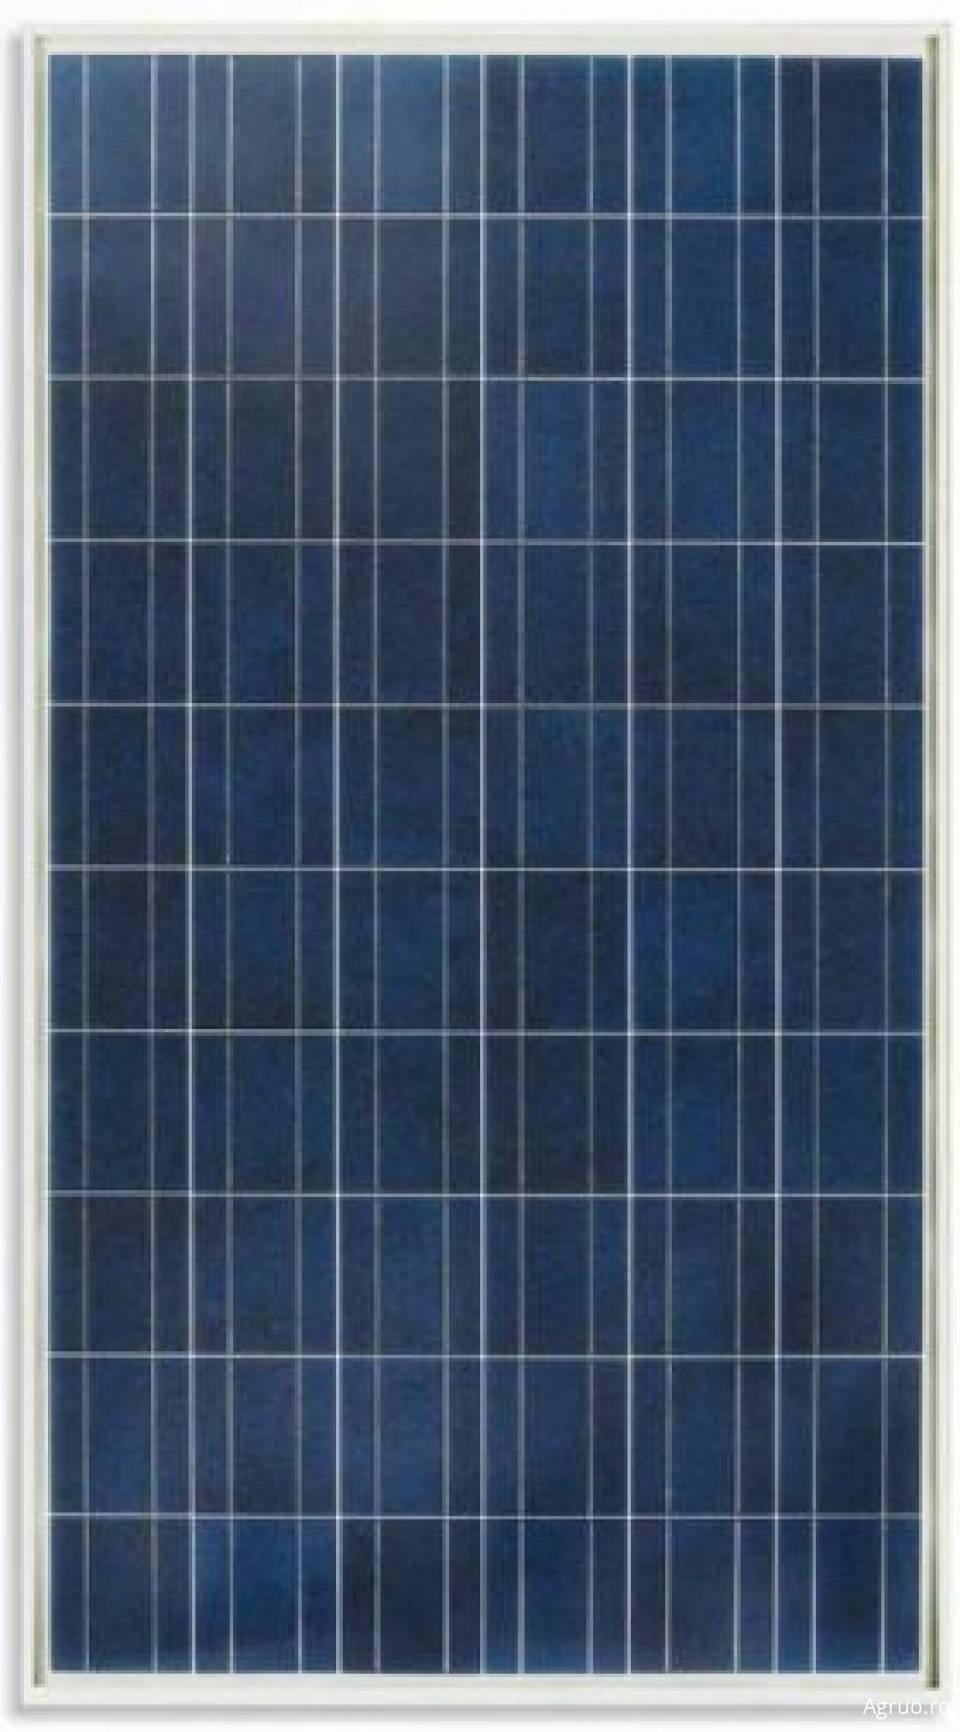 Panouri fotovoltaice policristaline37714